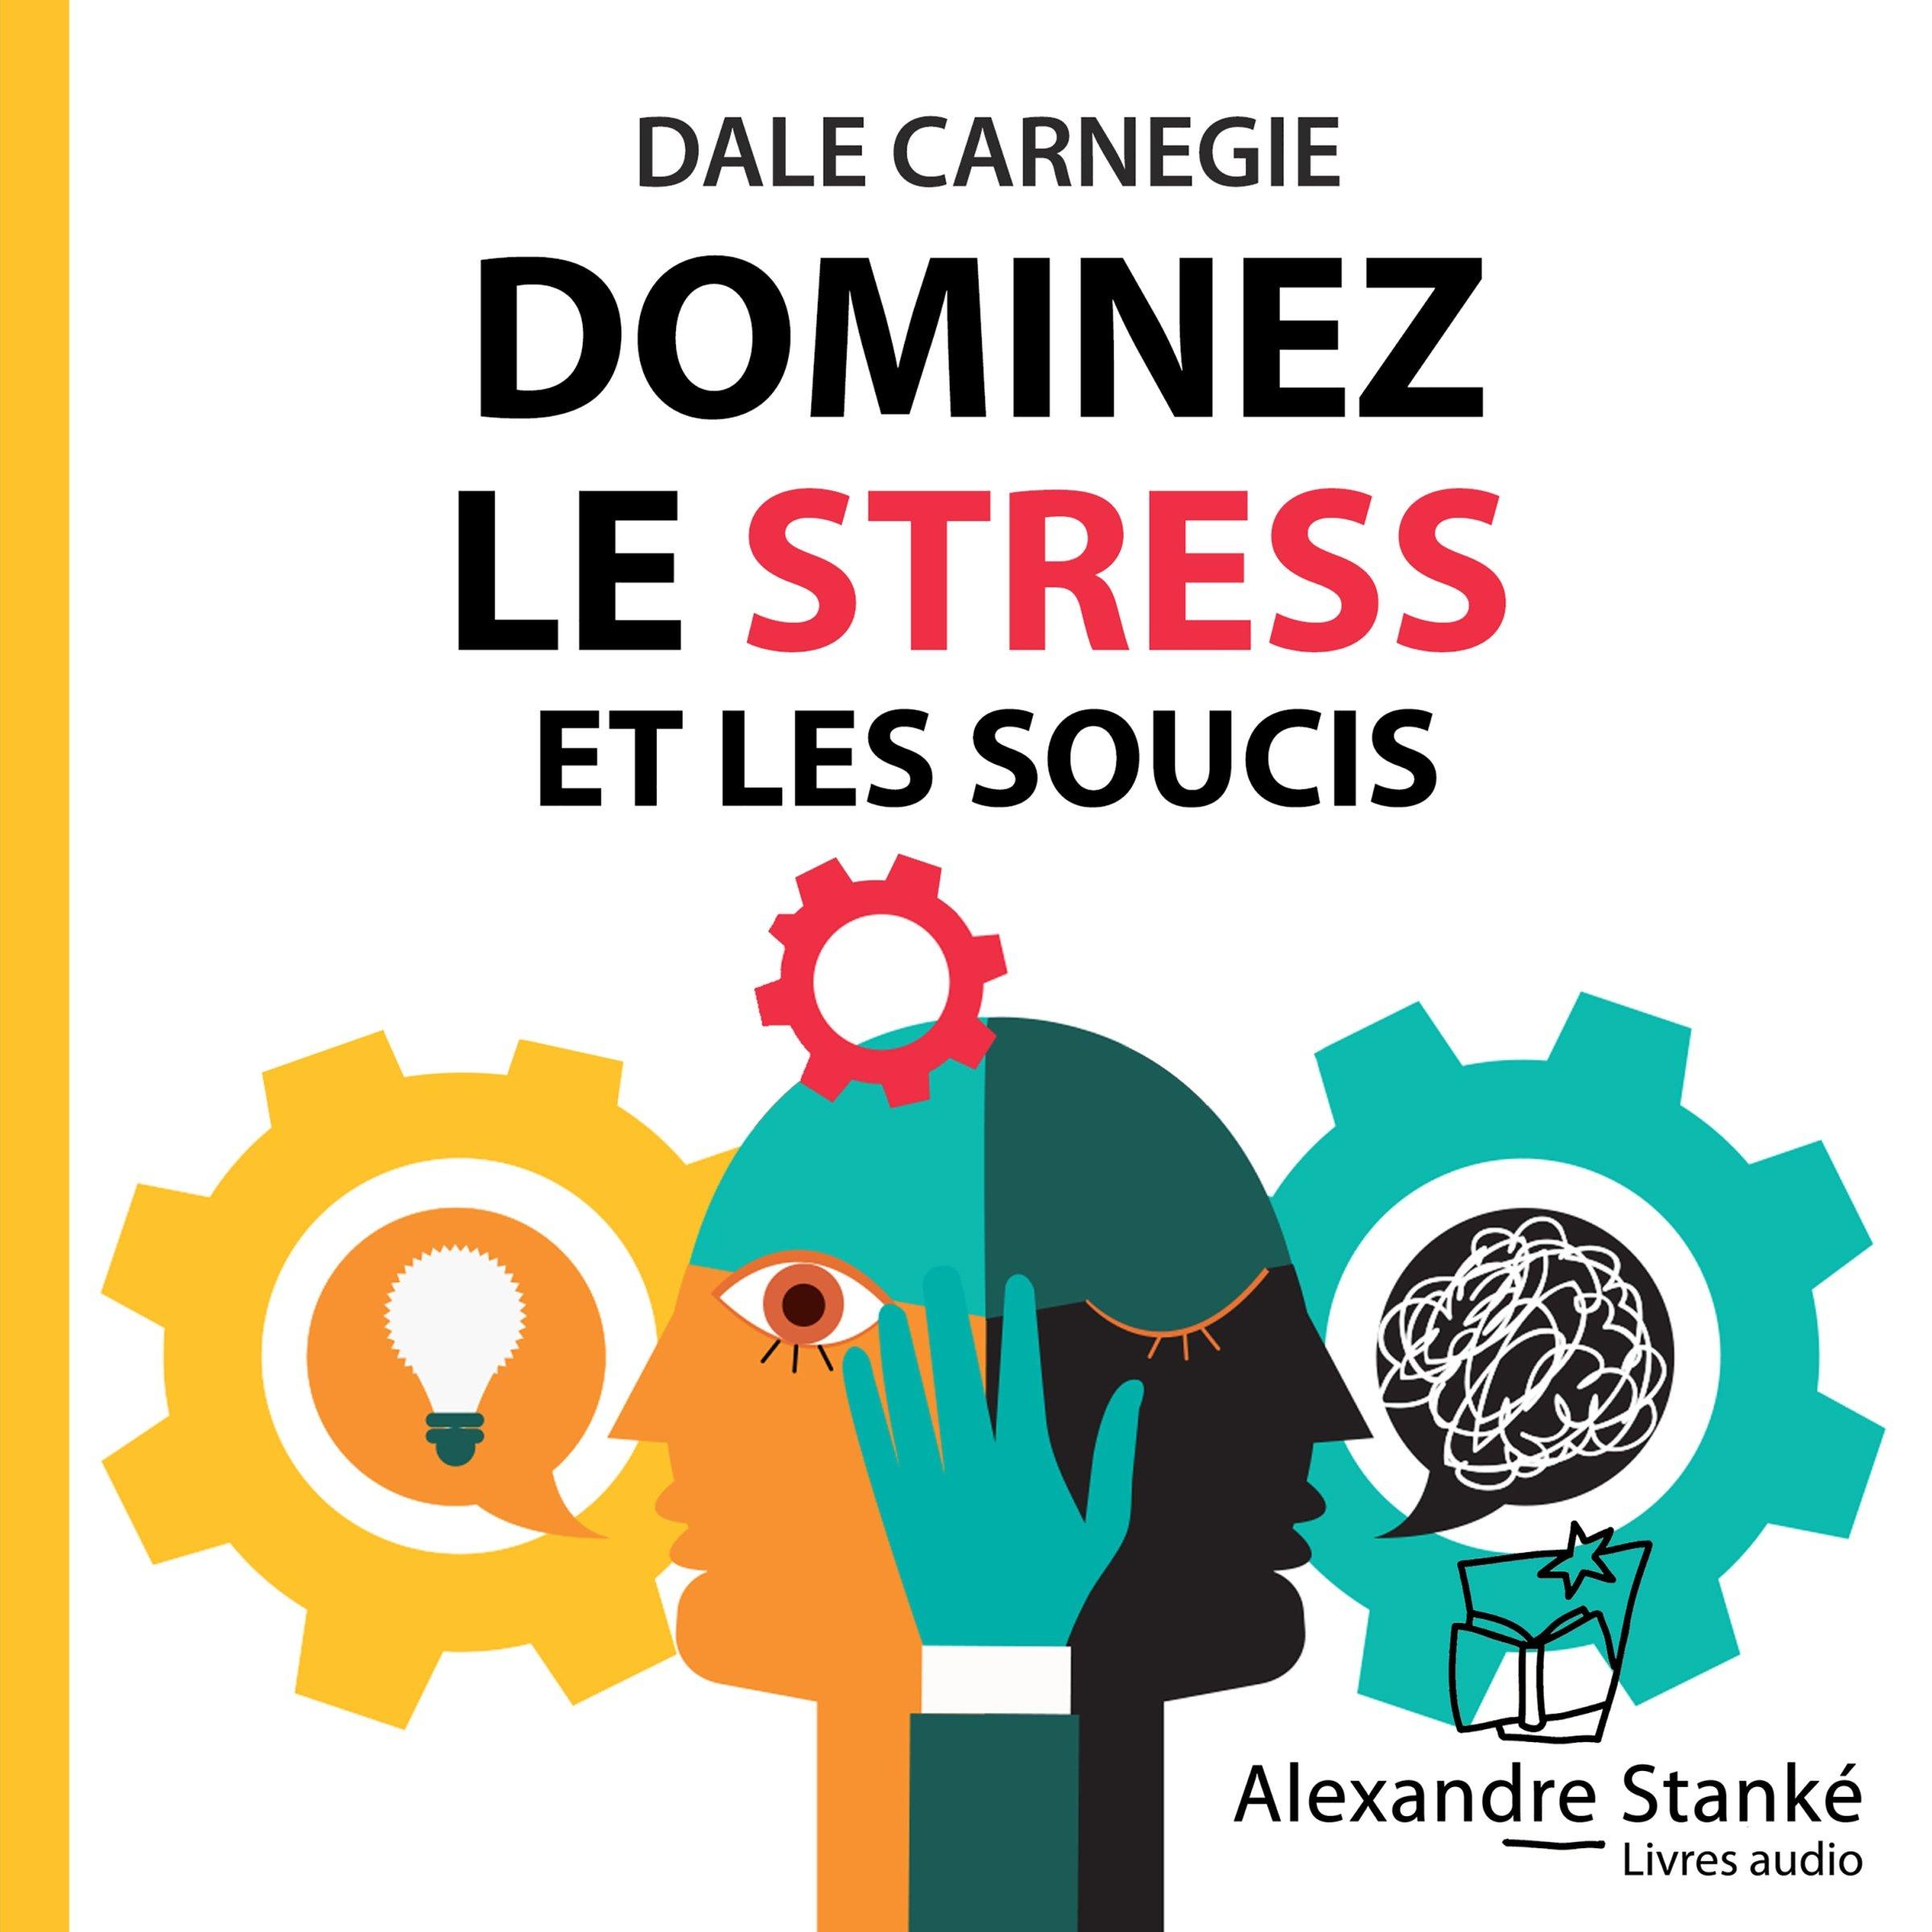 Dominez le stress et les soucis, de Dale Carnegie